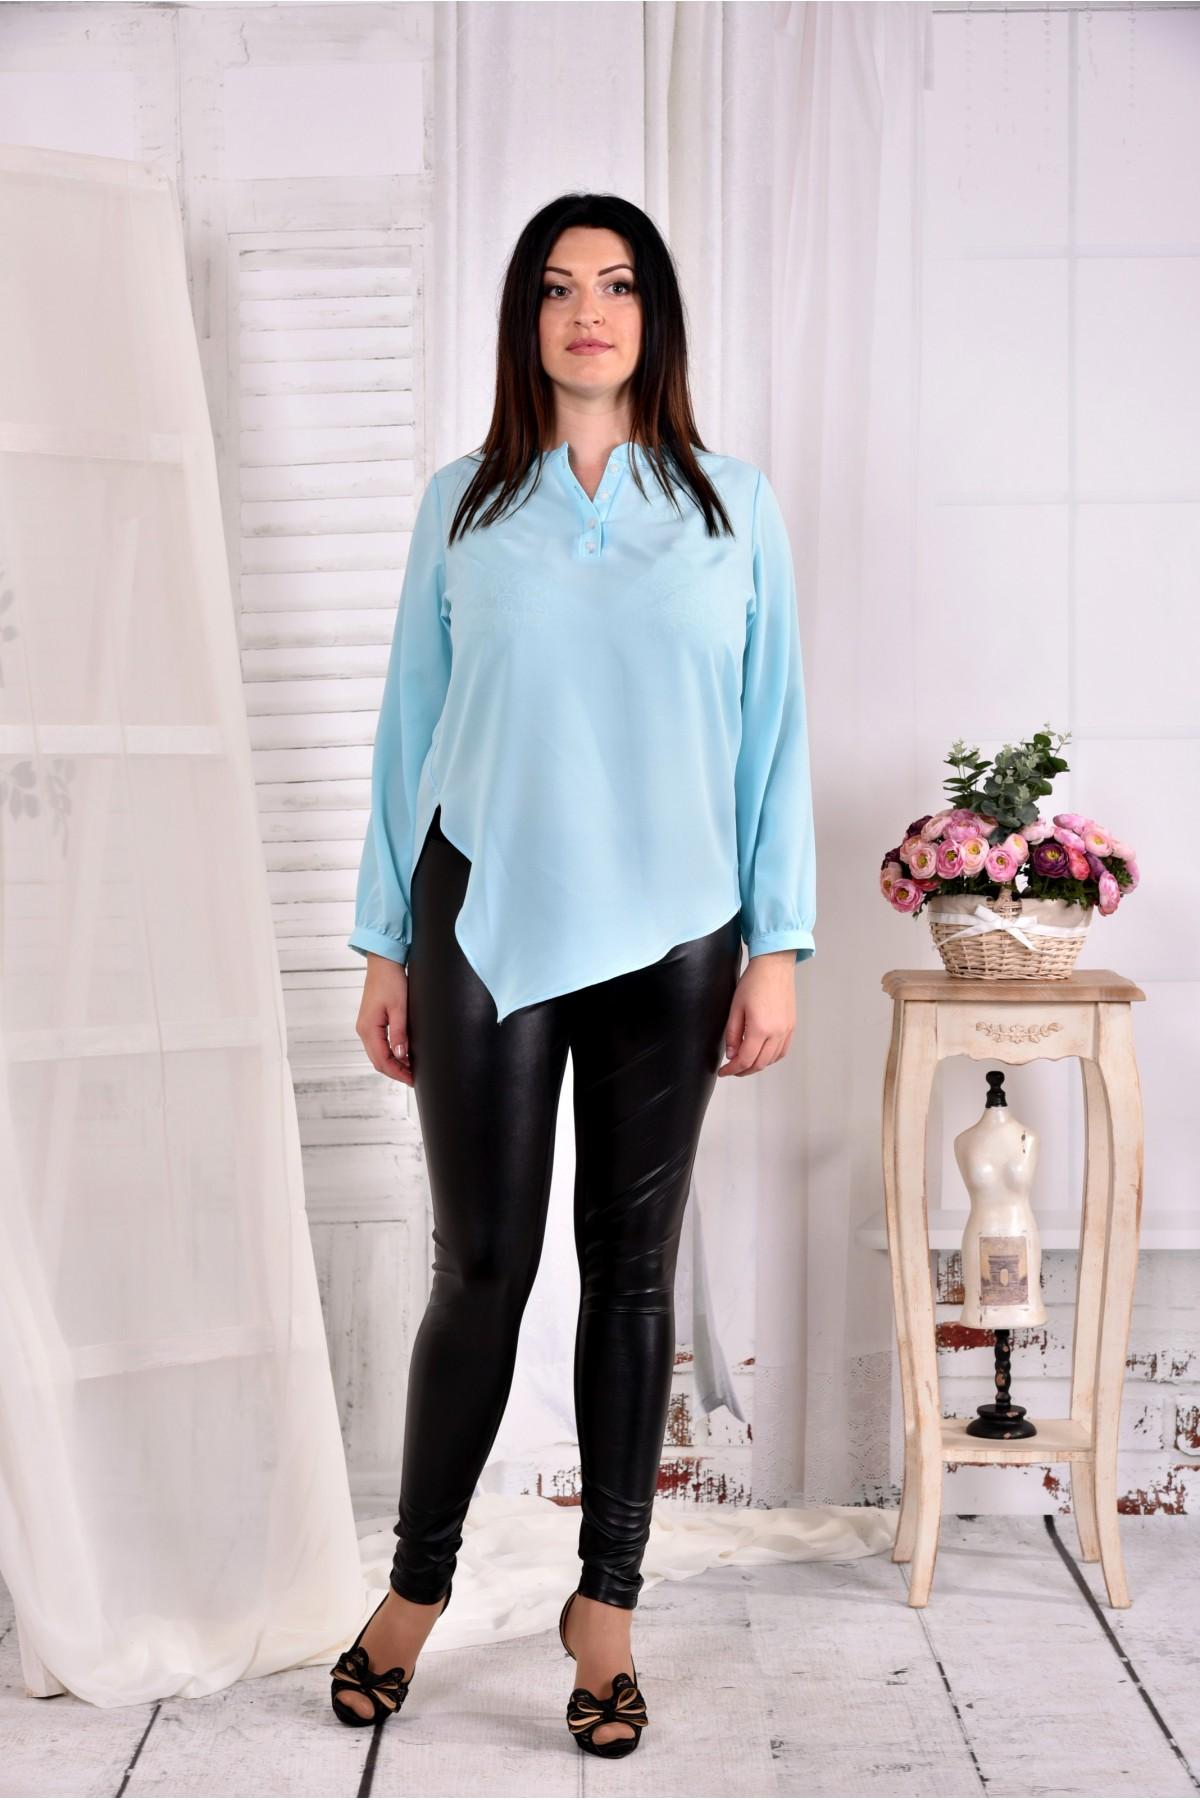 15db968de8e Купить Голубая нарядная блузка 0580-2 (на фото с брюками 011 ...